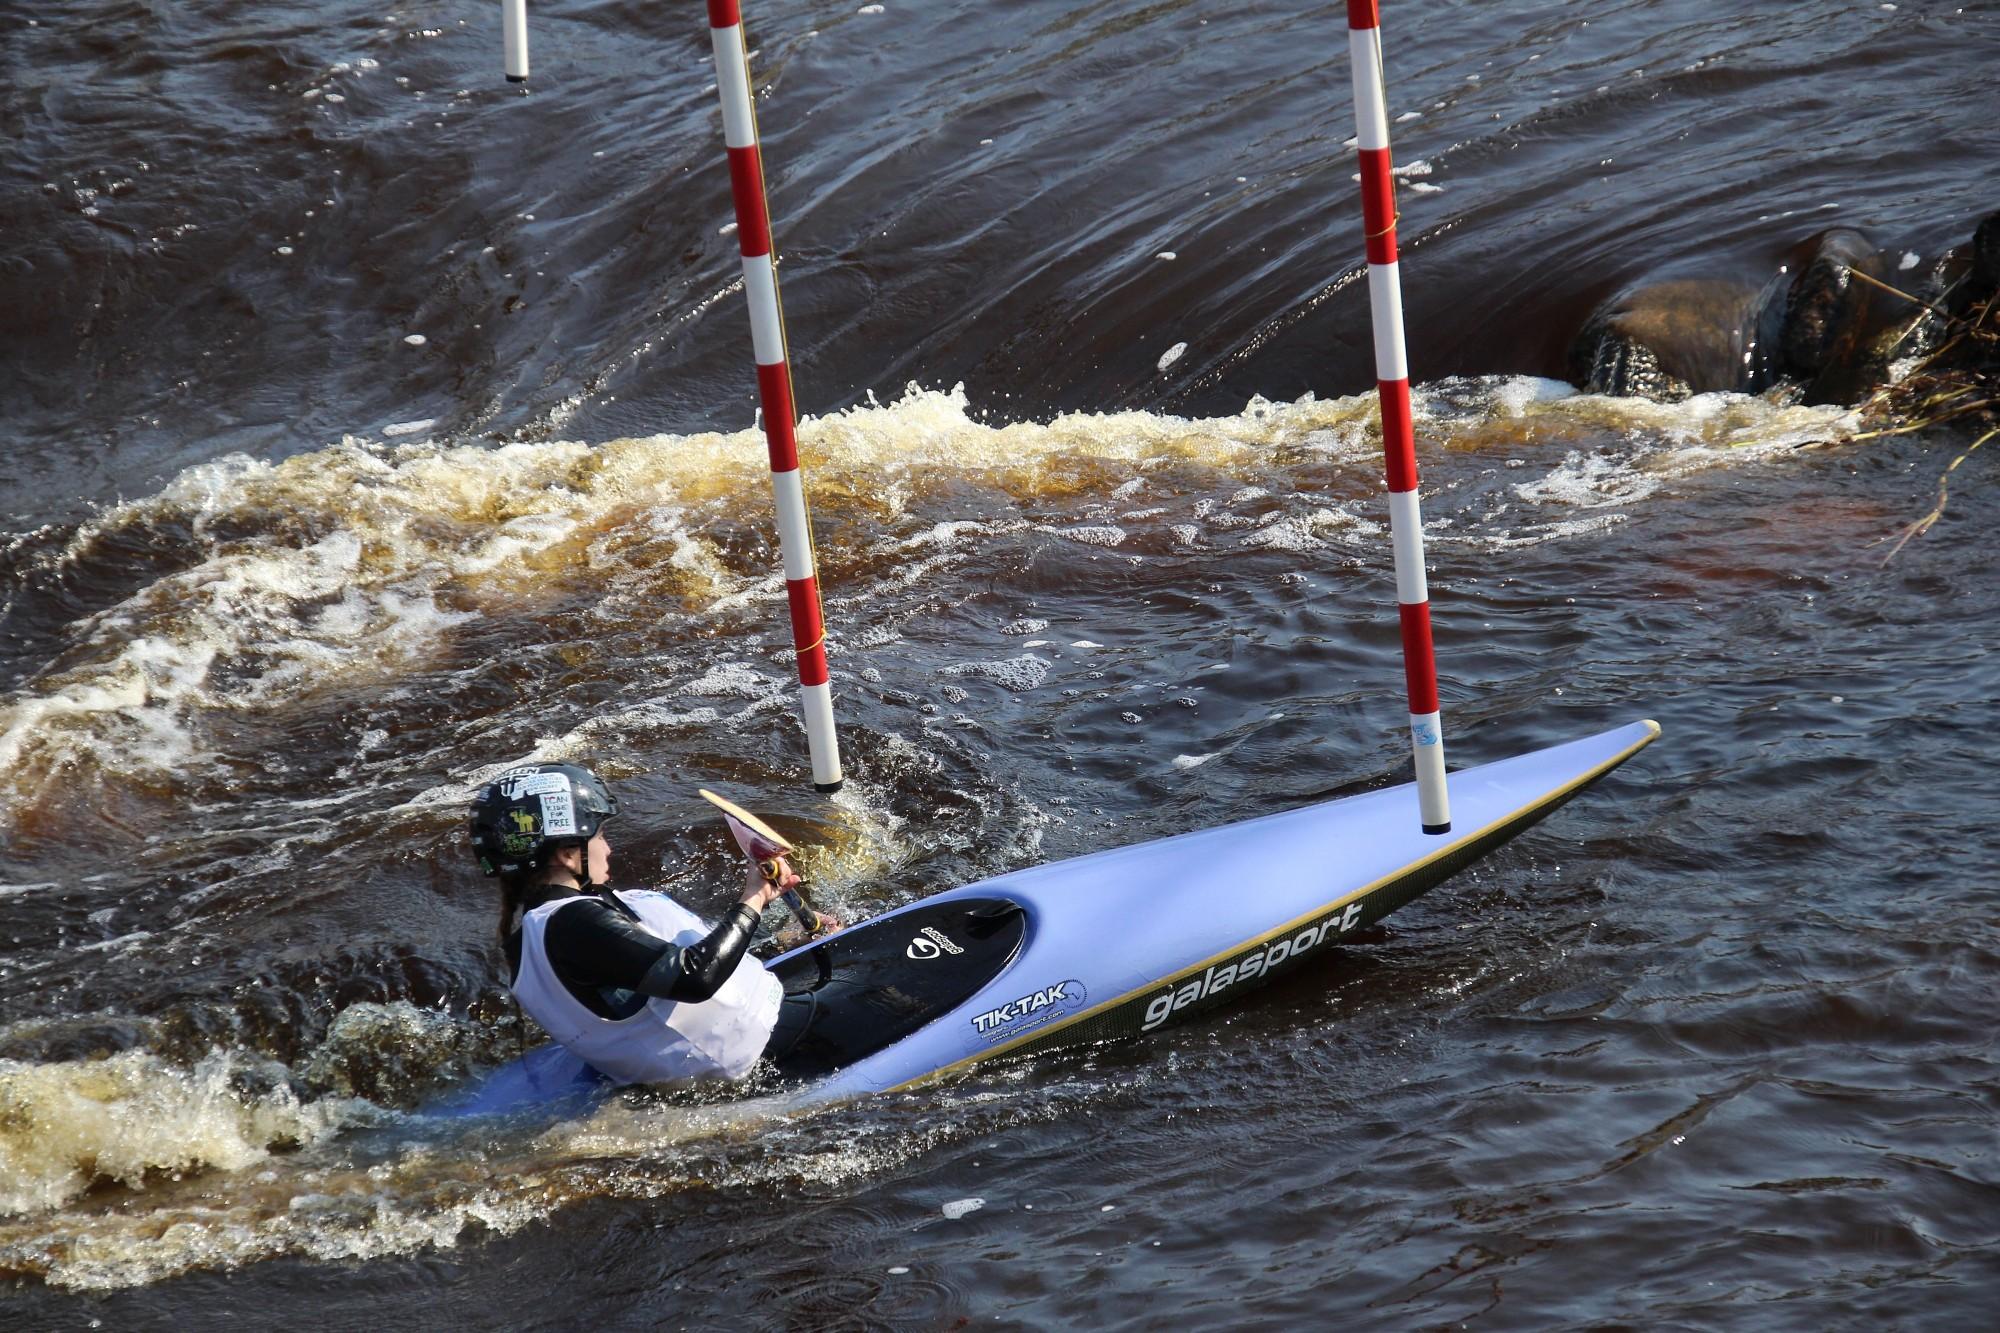 Airēšanas slalomisti atklāja sezonu